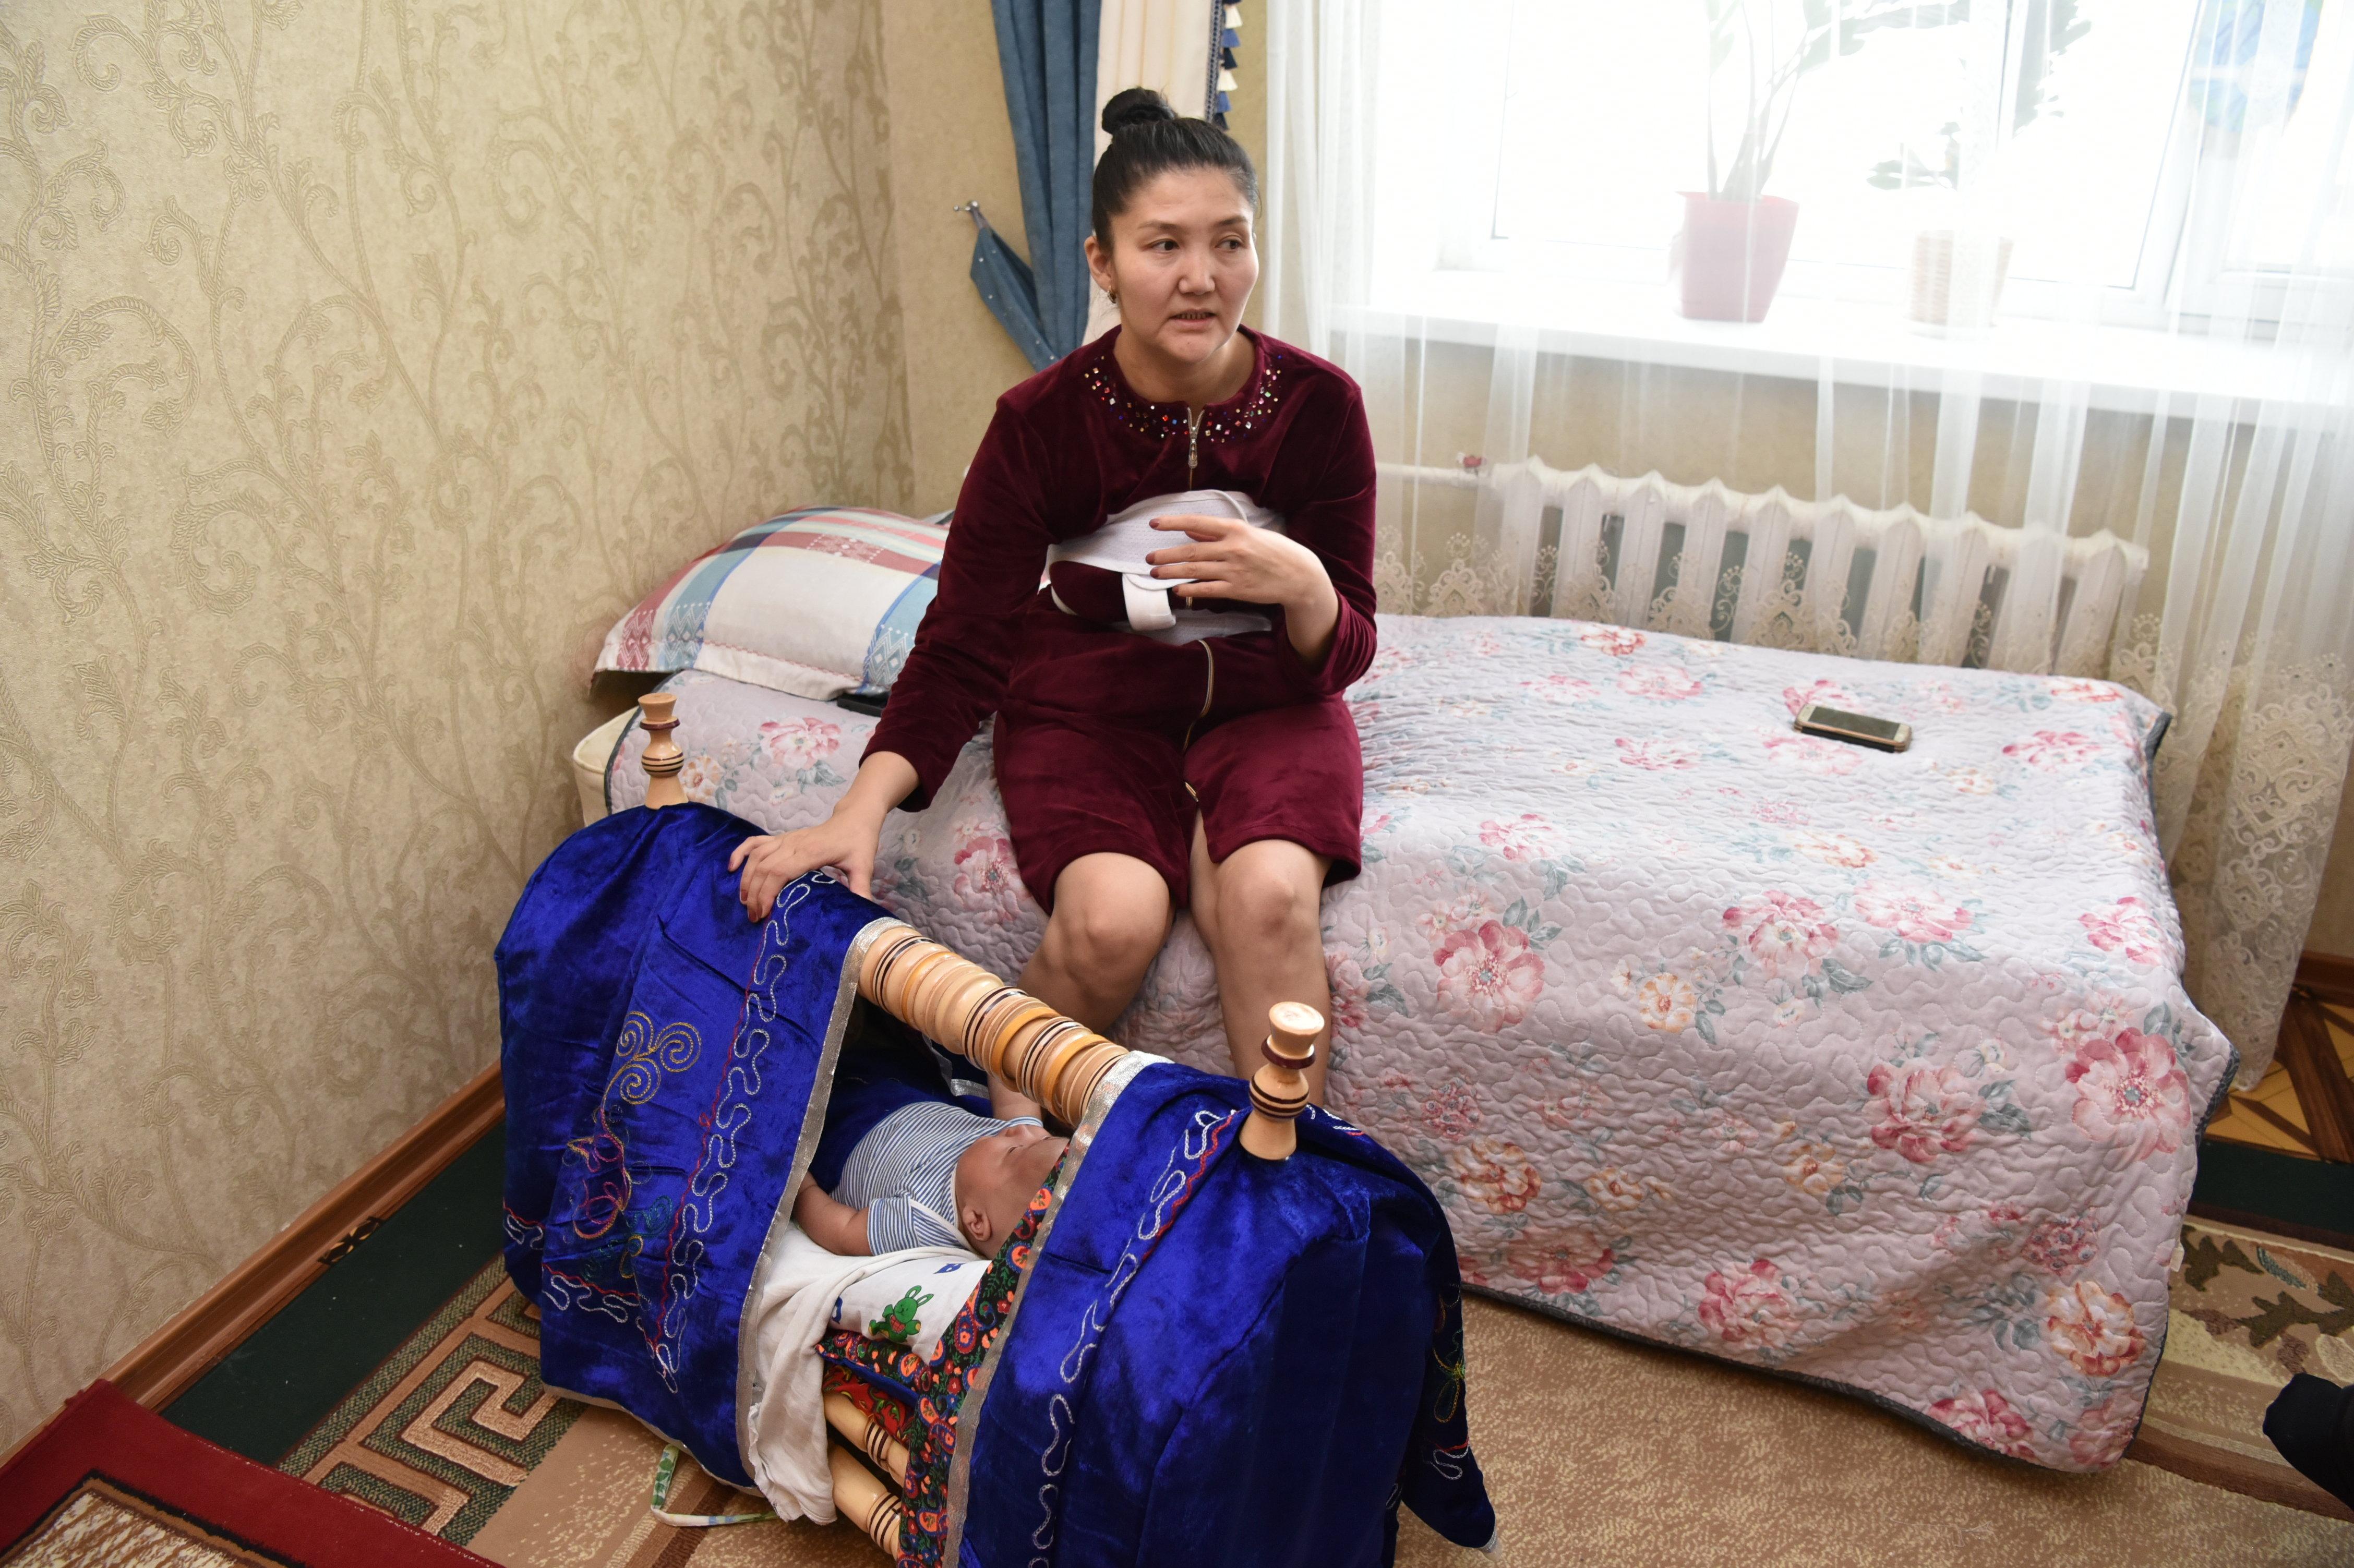 31-летняя Сабира Абенова на 35-й неделе беременности попала в акушерский блок с выраженной сердечной недостаточностью